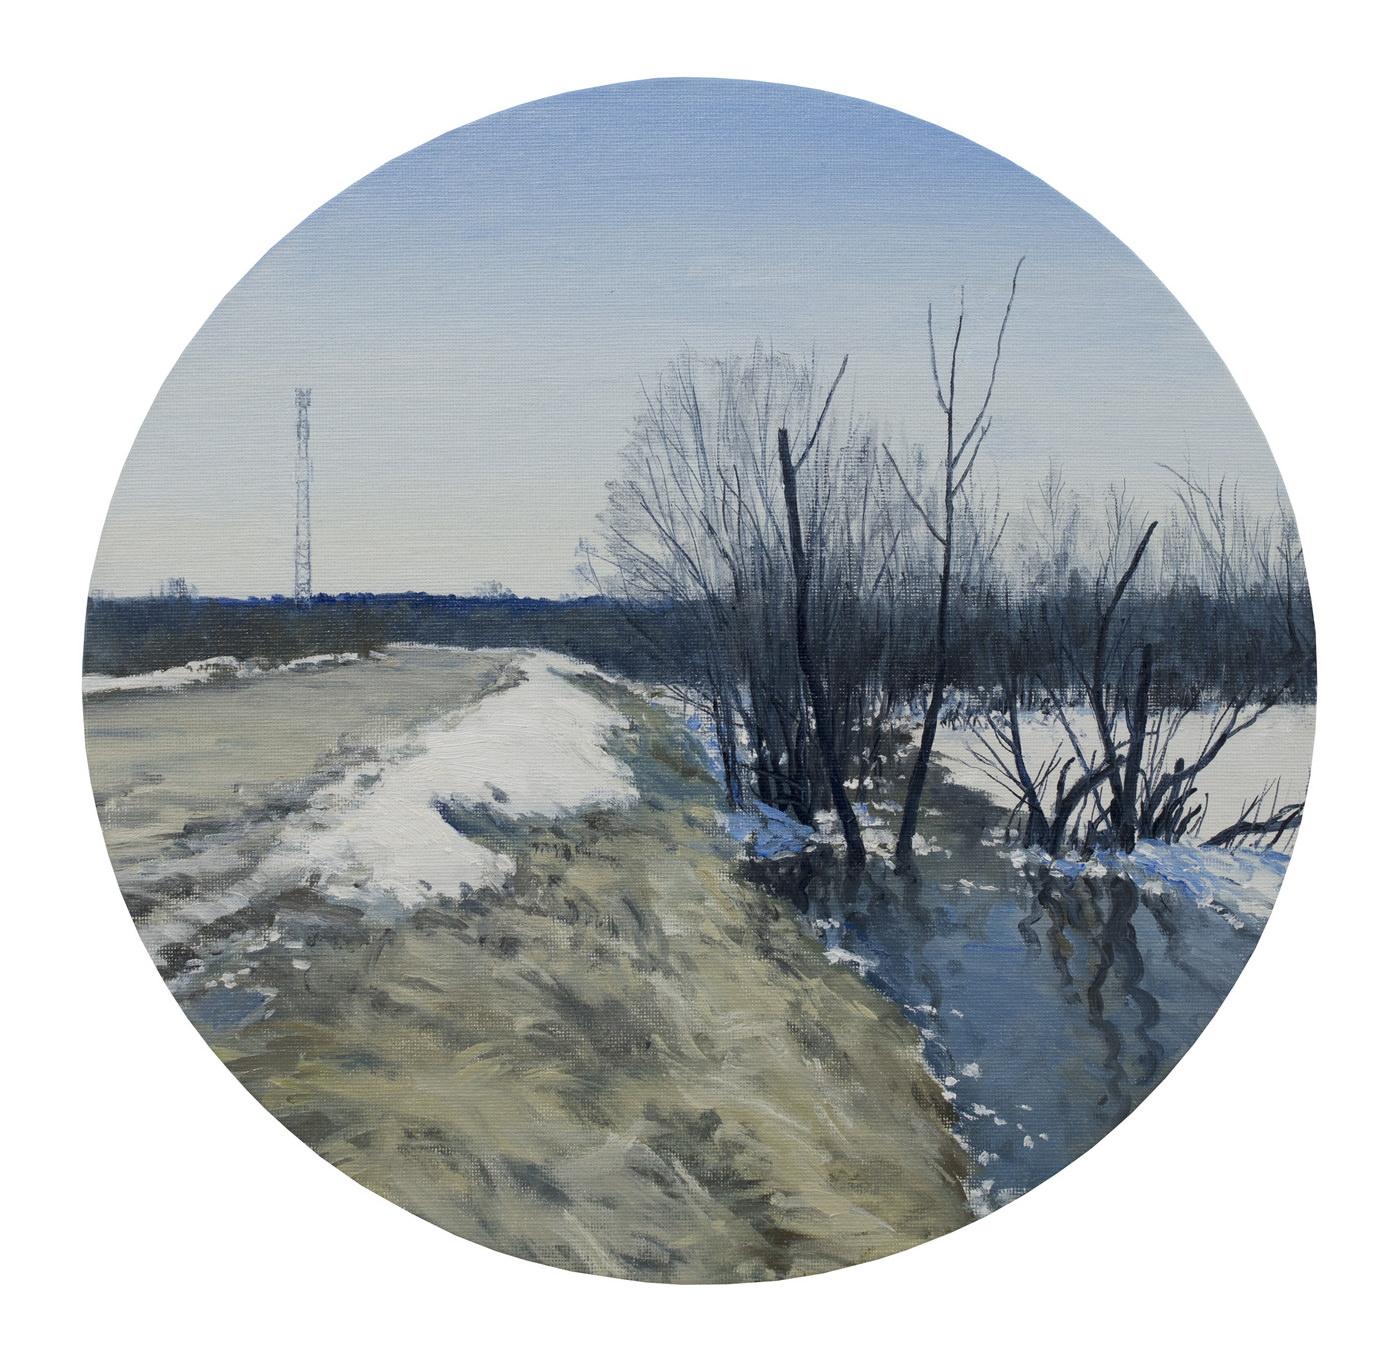 Егор Плотников. Пейзаж с ретранслятором № 18. 2018